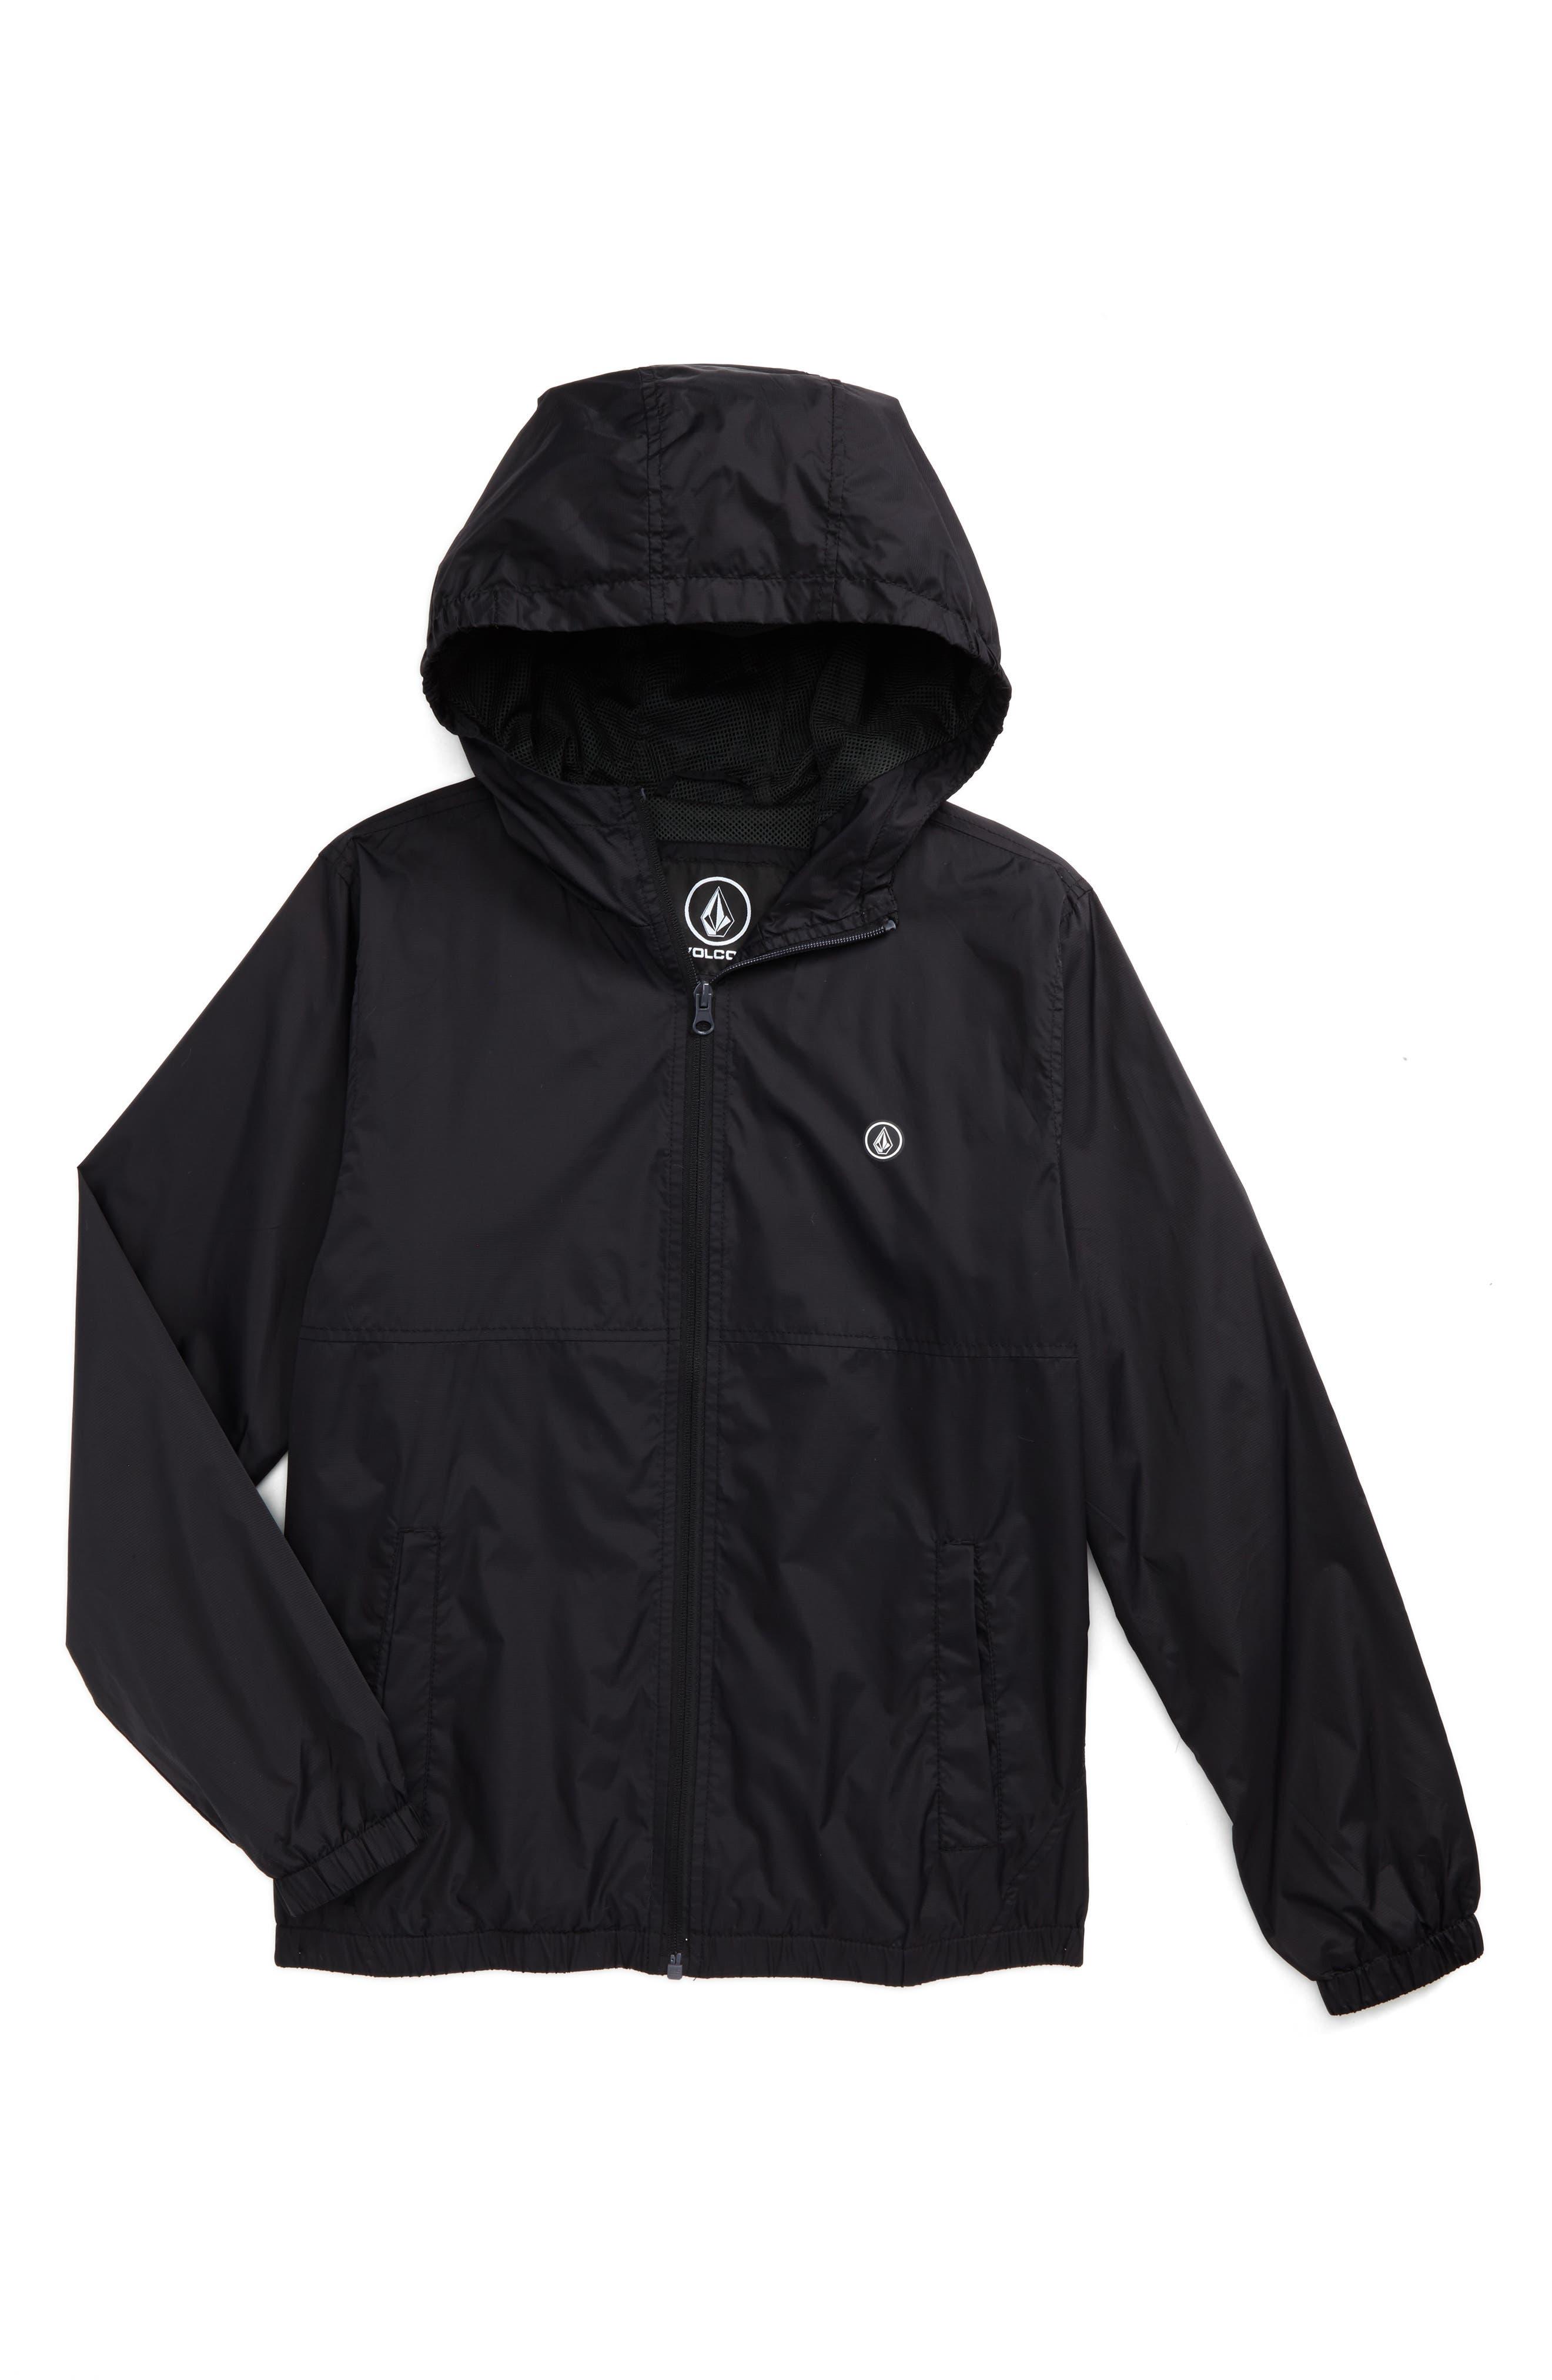 Main Image - Volcom Ermont Hooded Nylon Jacket (Big Boys)